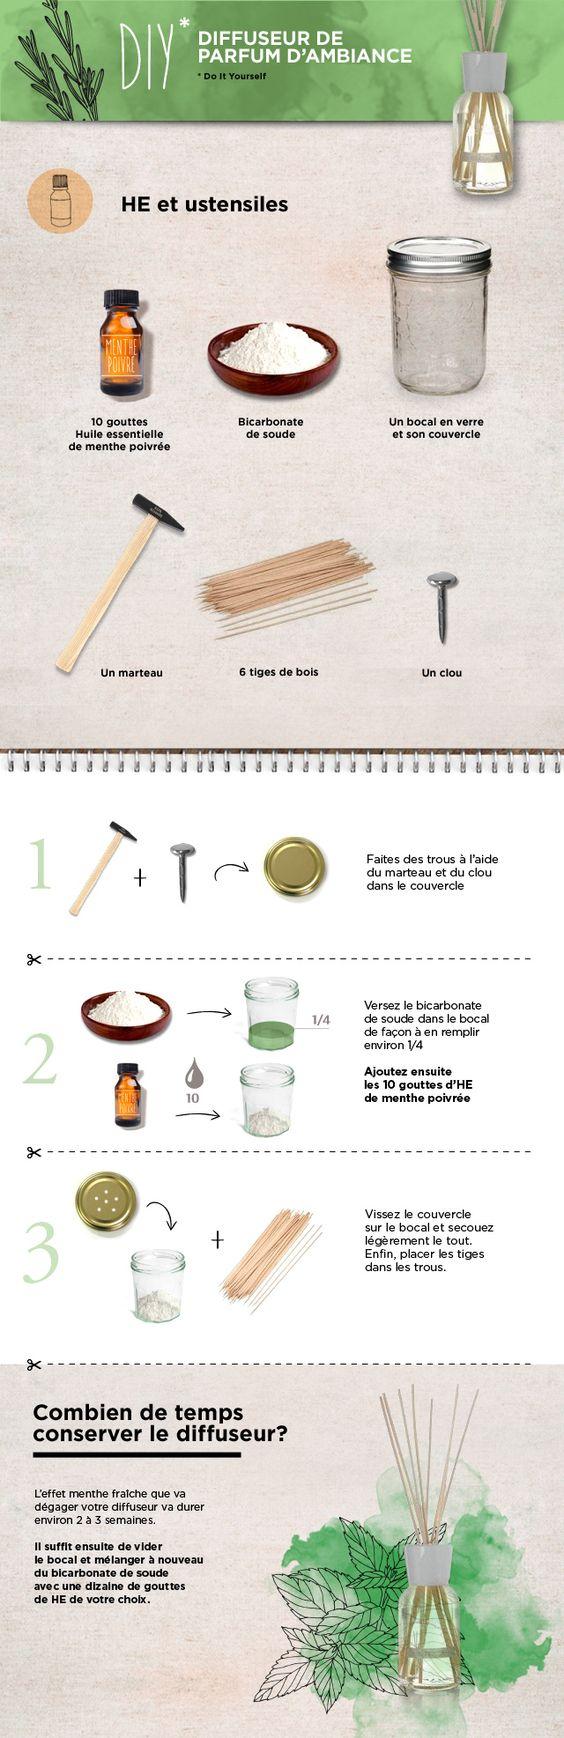 Découvrez notre #DIY simple et rapide à réaliser, afin de créer une #ambiance d'intérieur fraîche et #mentholée.: